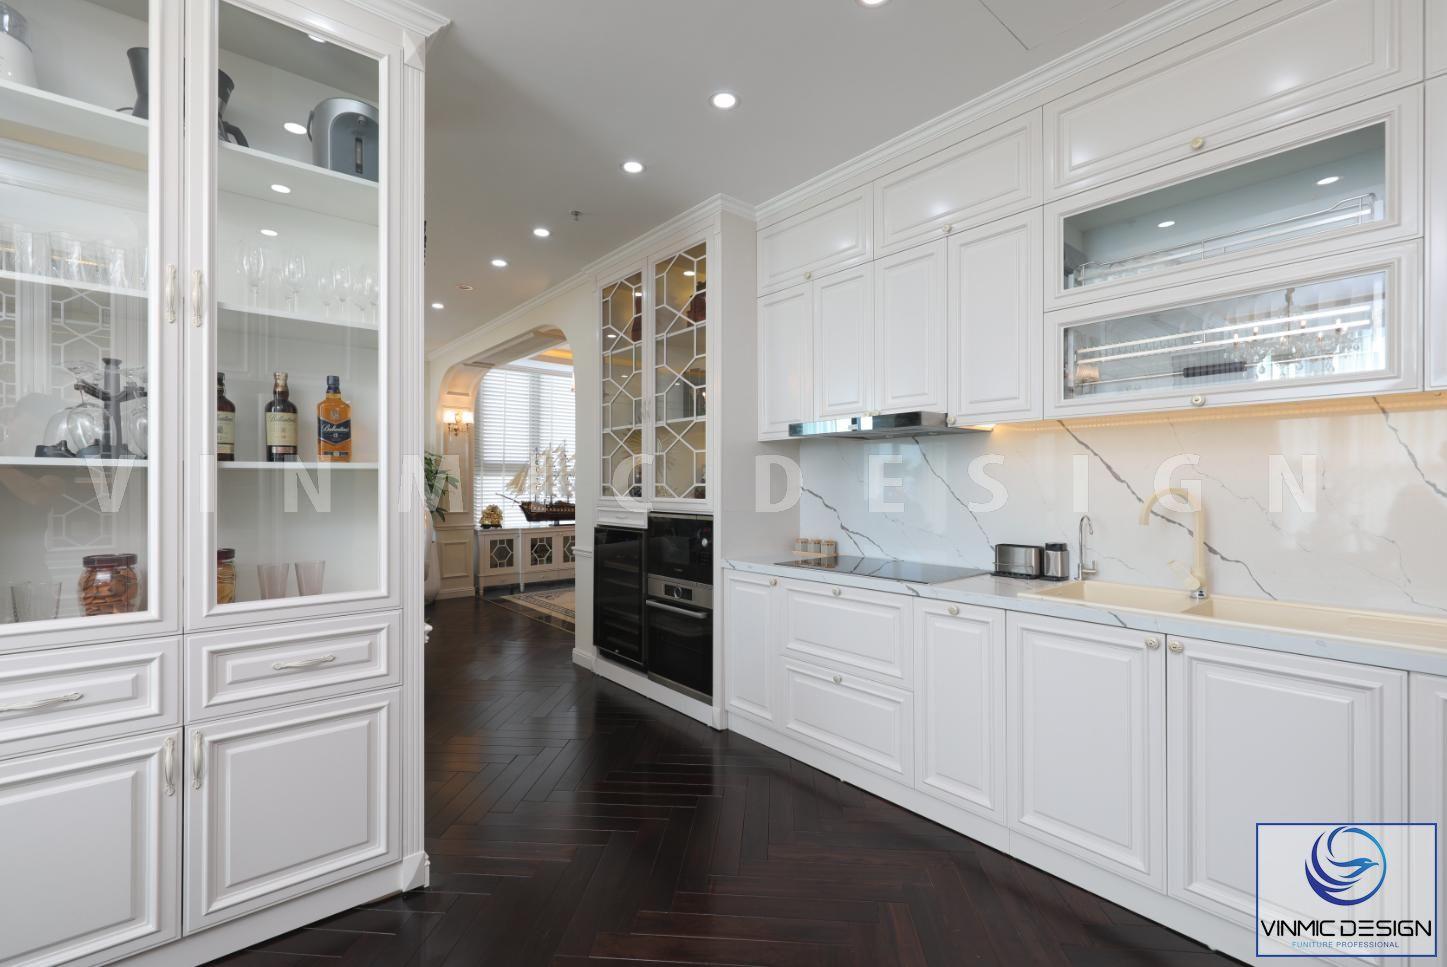 Thi công nội thất phòng bếp đẹp tại biệt thự Vinhomes Green Bay - Mộc Lan